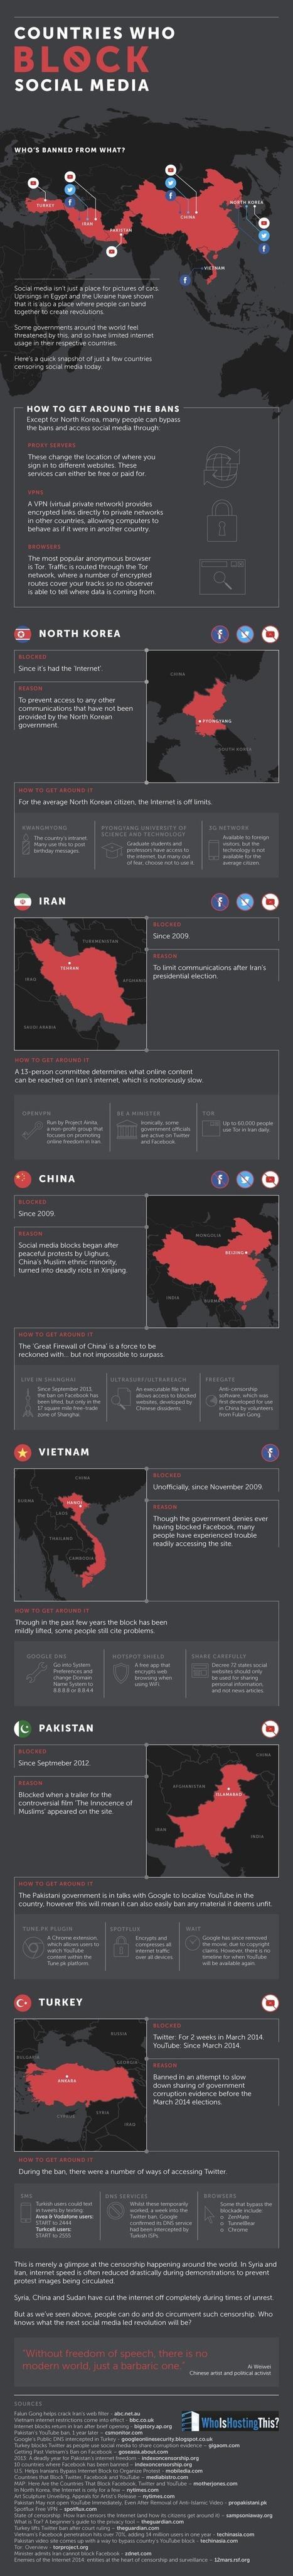 Infographie : Ces pays qui bloquent l'accès aux réseaux sociaux | Luxury Cömārk | Scoop.it